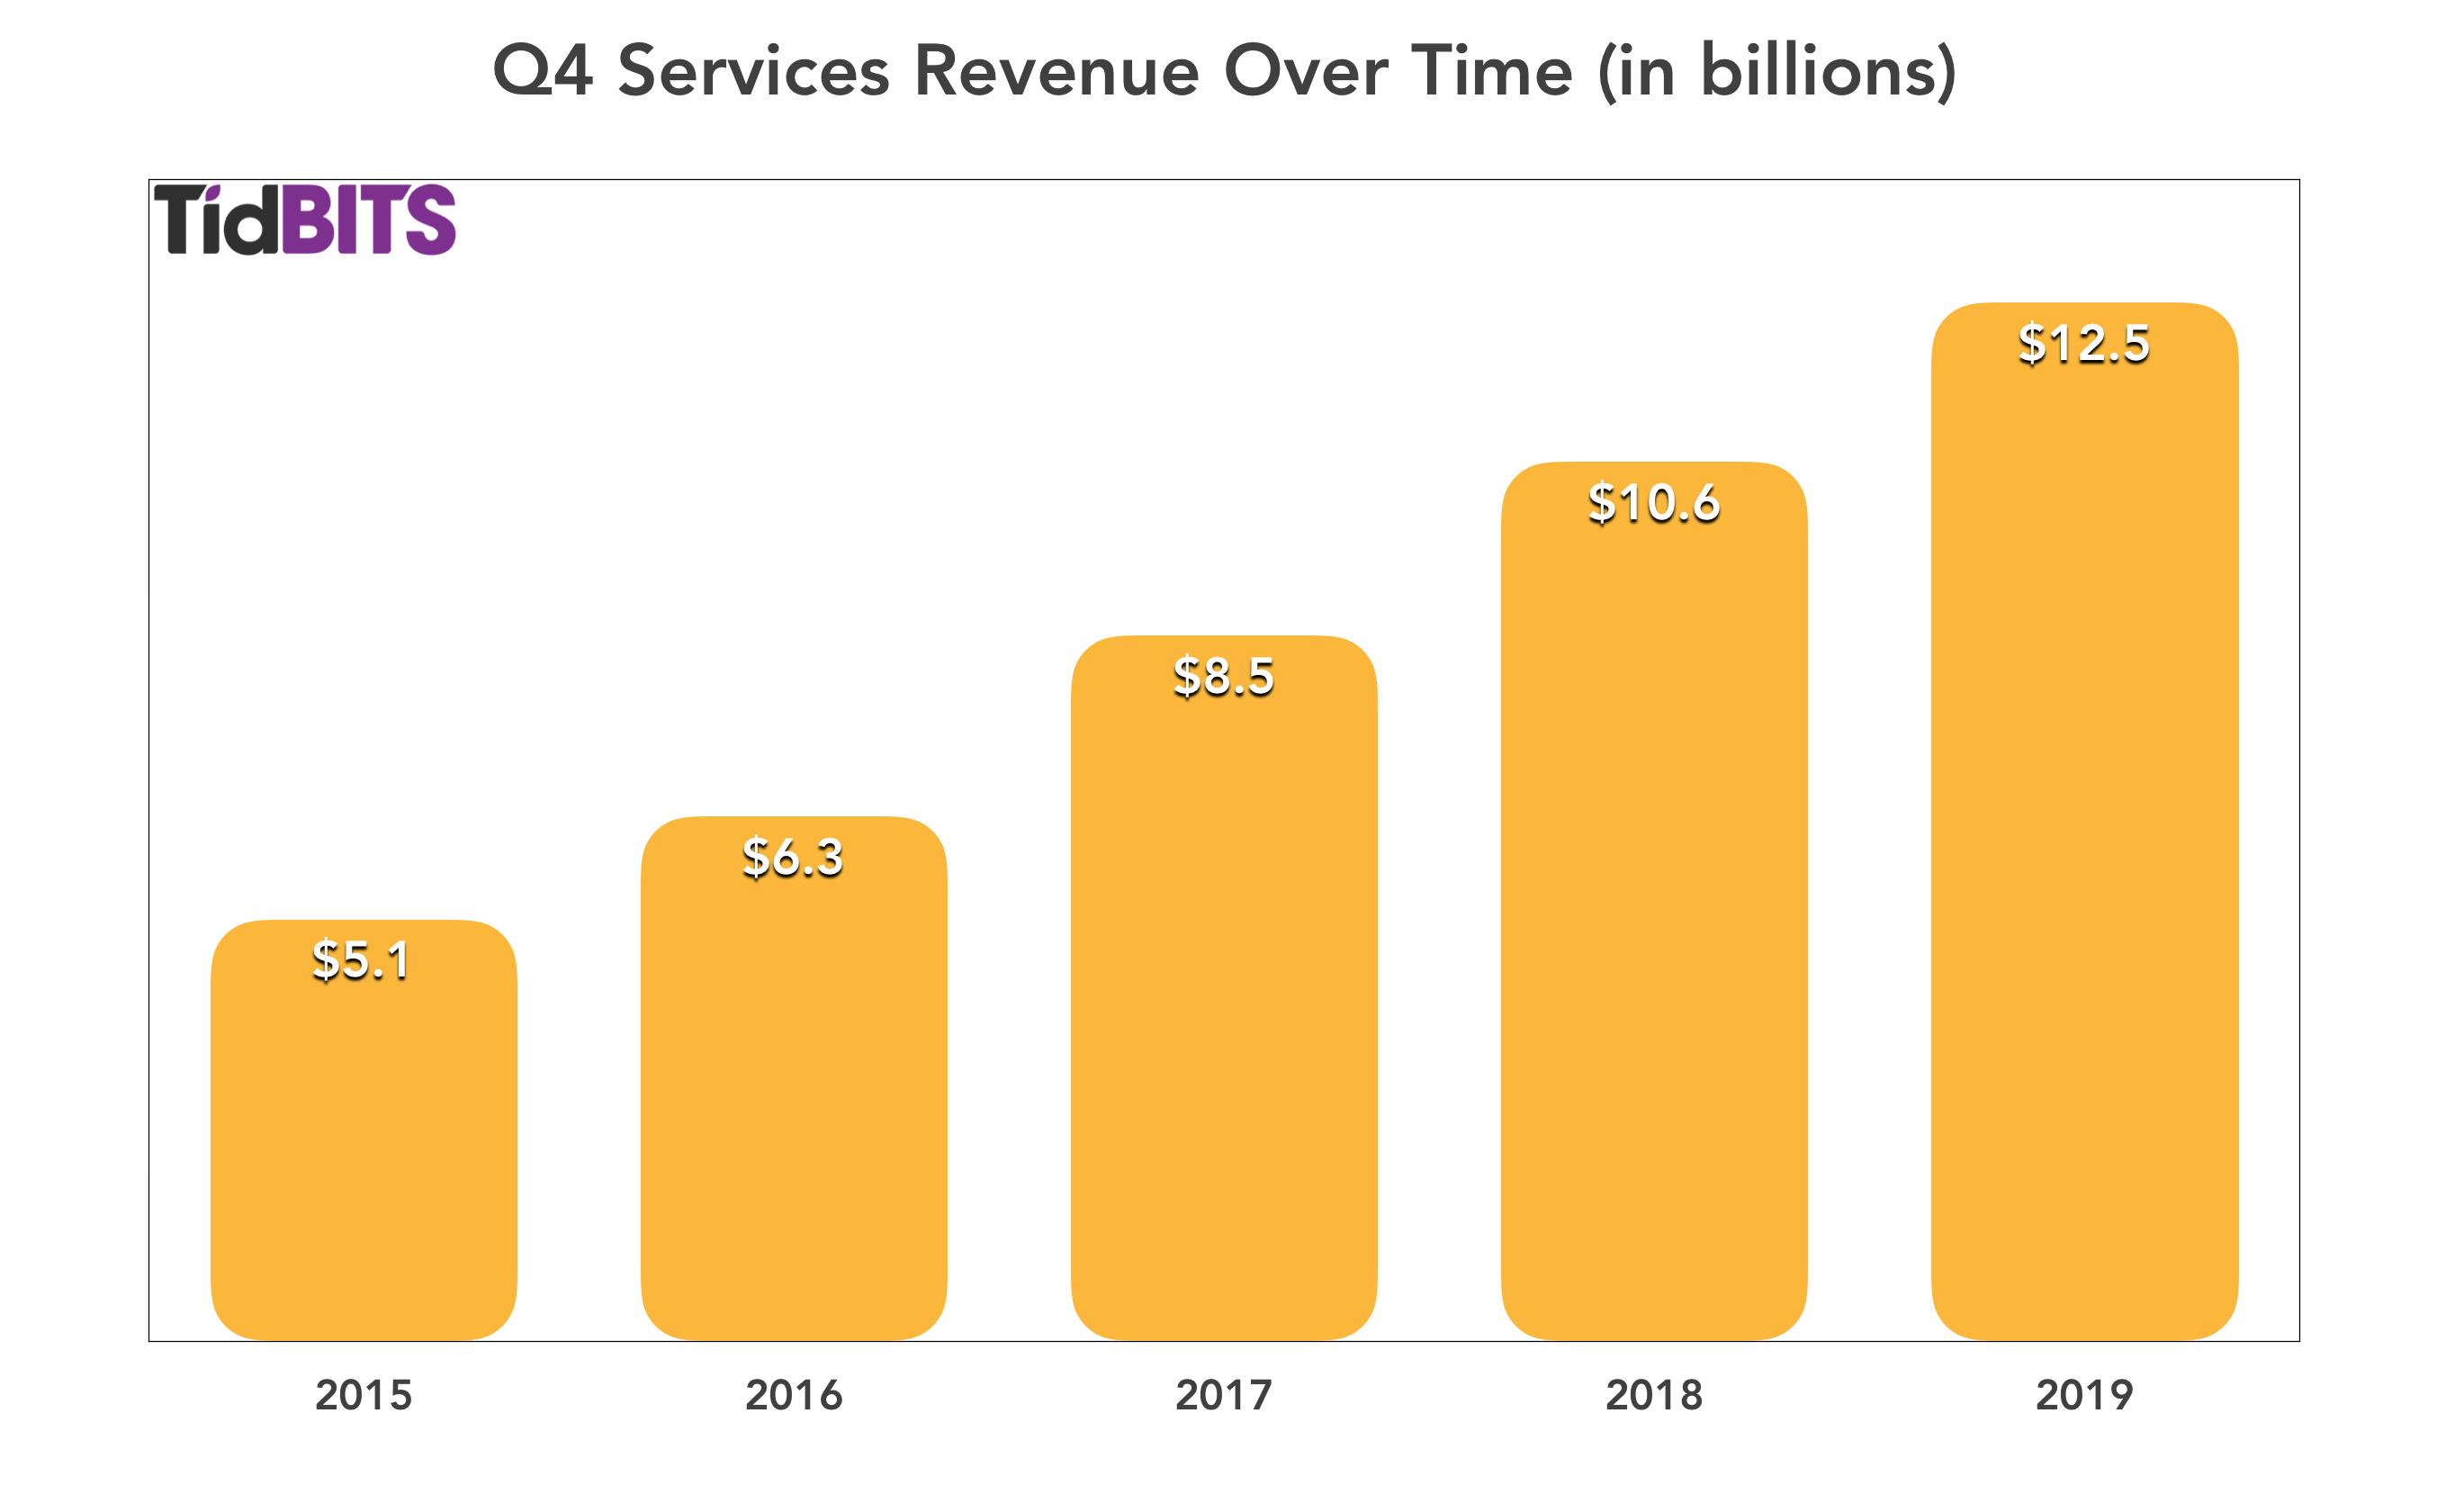 Apple's Q4 2019 Services revenue